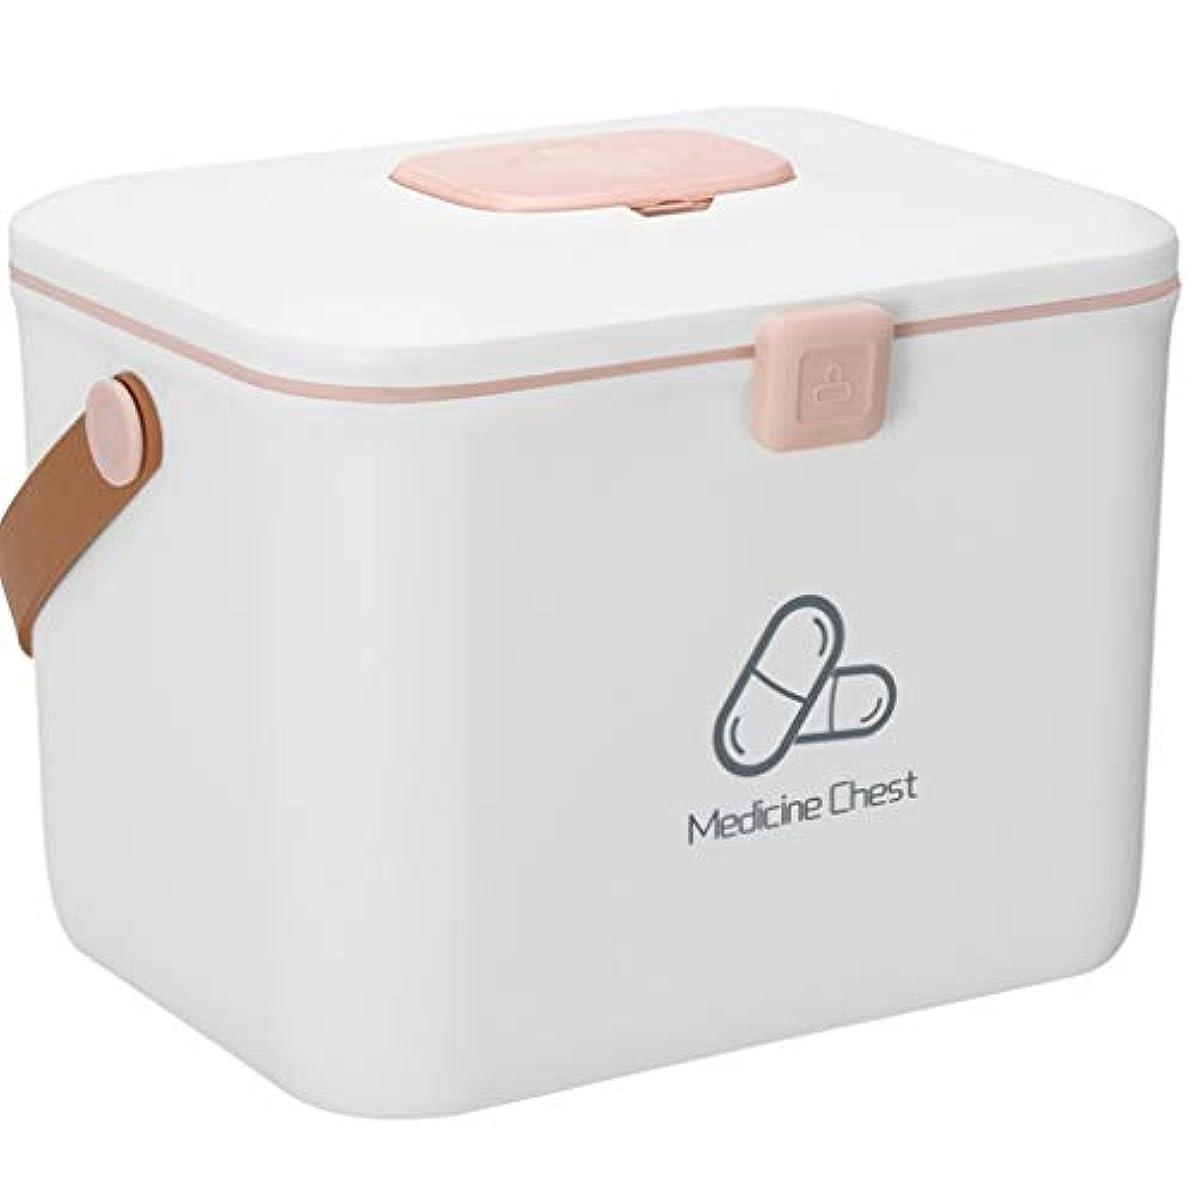 メディア失効ハック応急処置ケース薬箱ホームサイズ大容量ホームポータブル薬収納ボックス ZHAOSHUNLI (Color : White, Size : L)